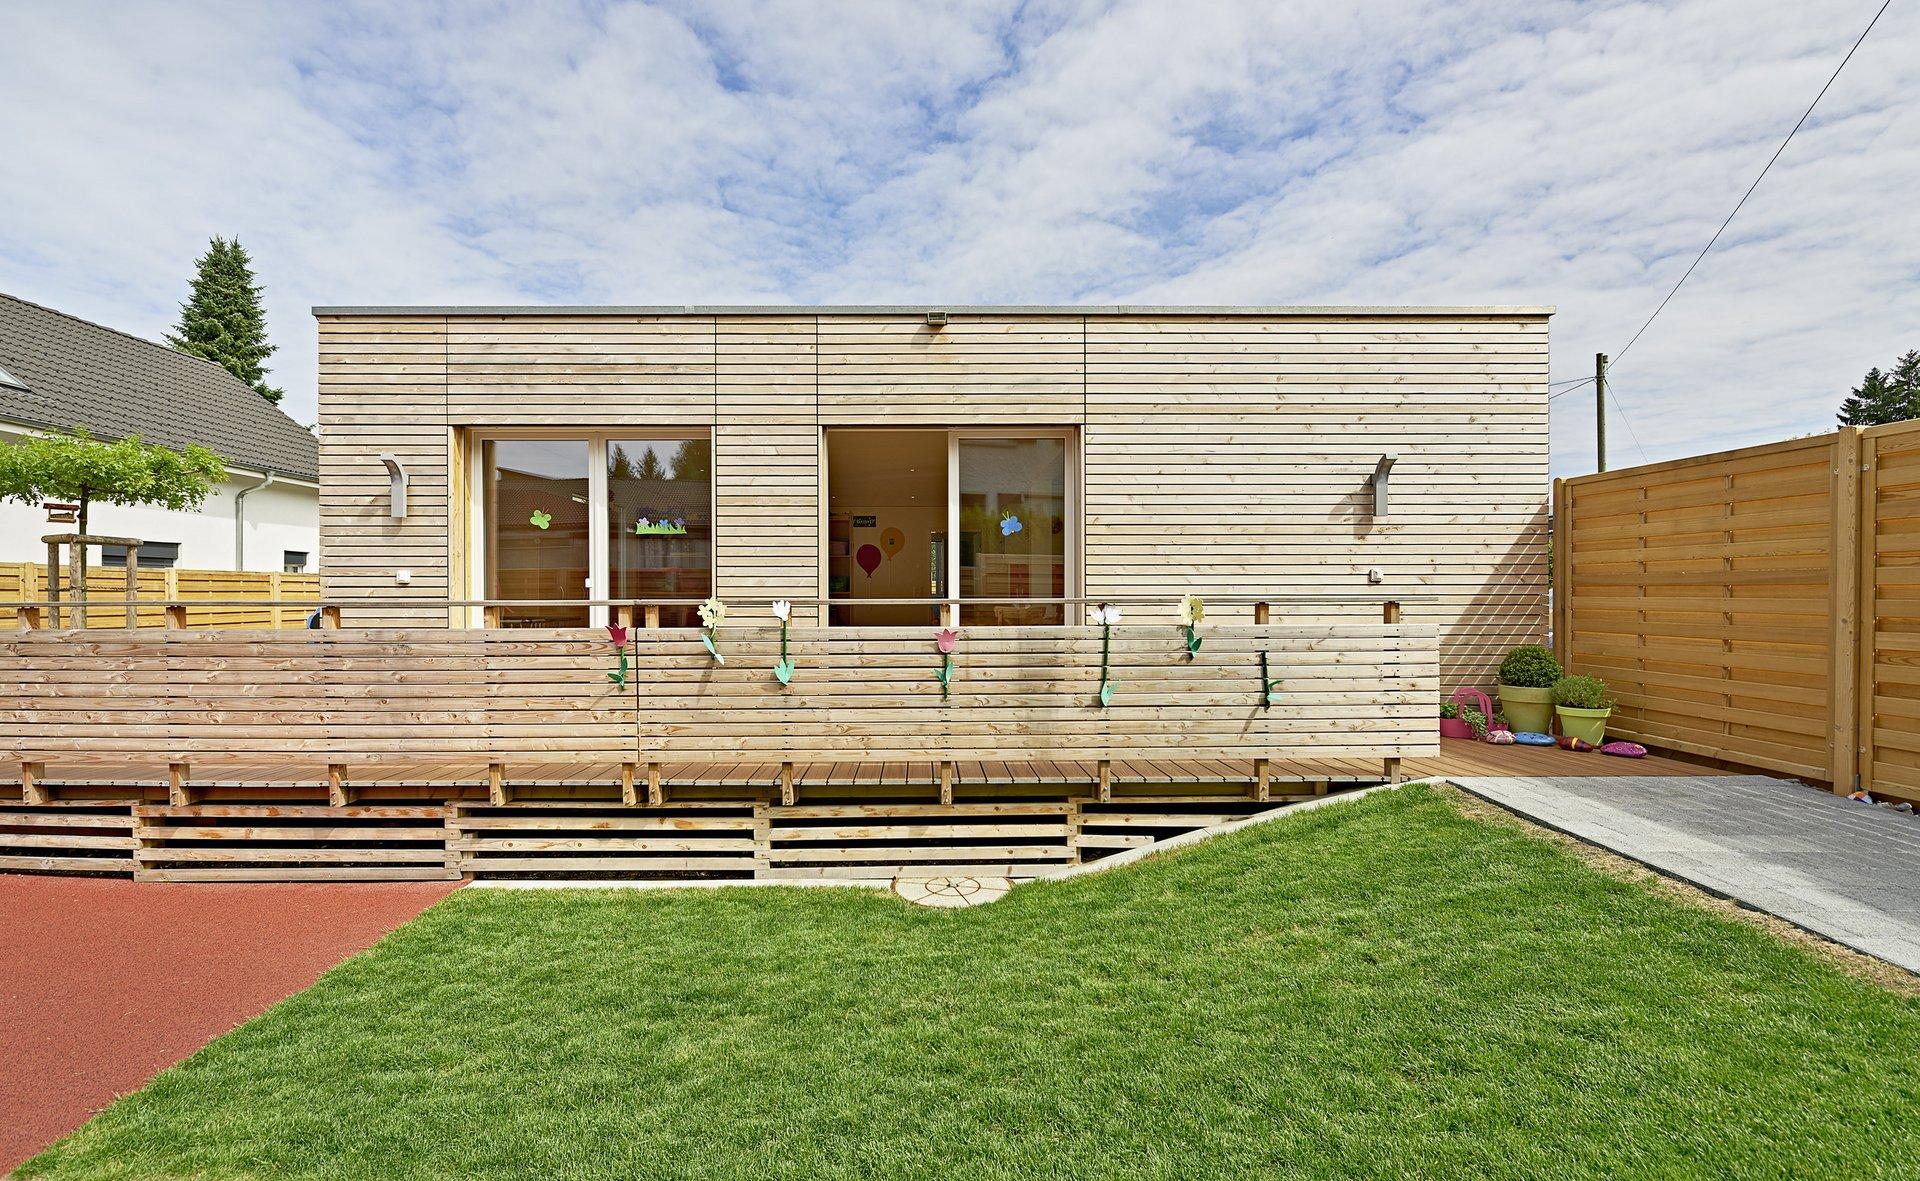 Holzfassade mit gleich grossen Doppelflügelfenstern